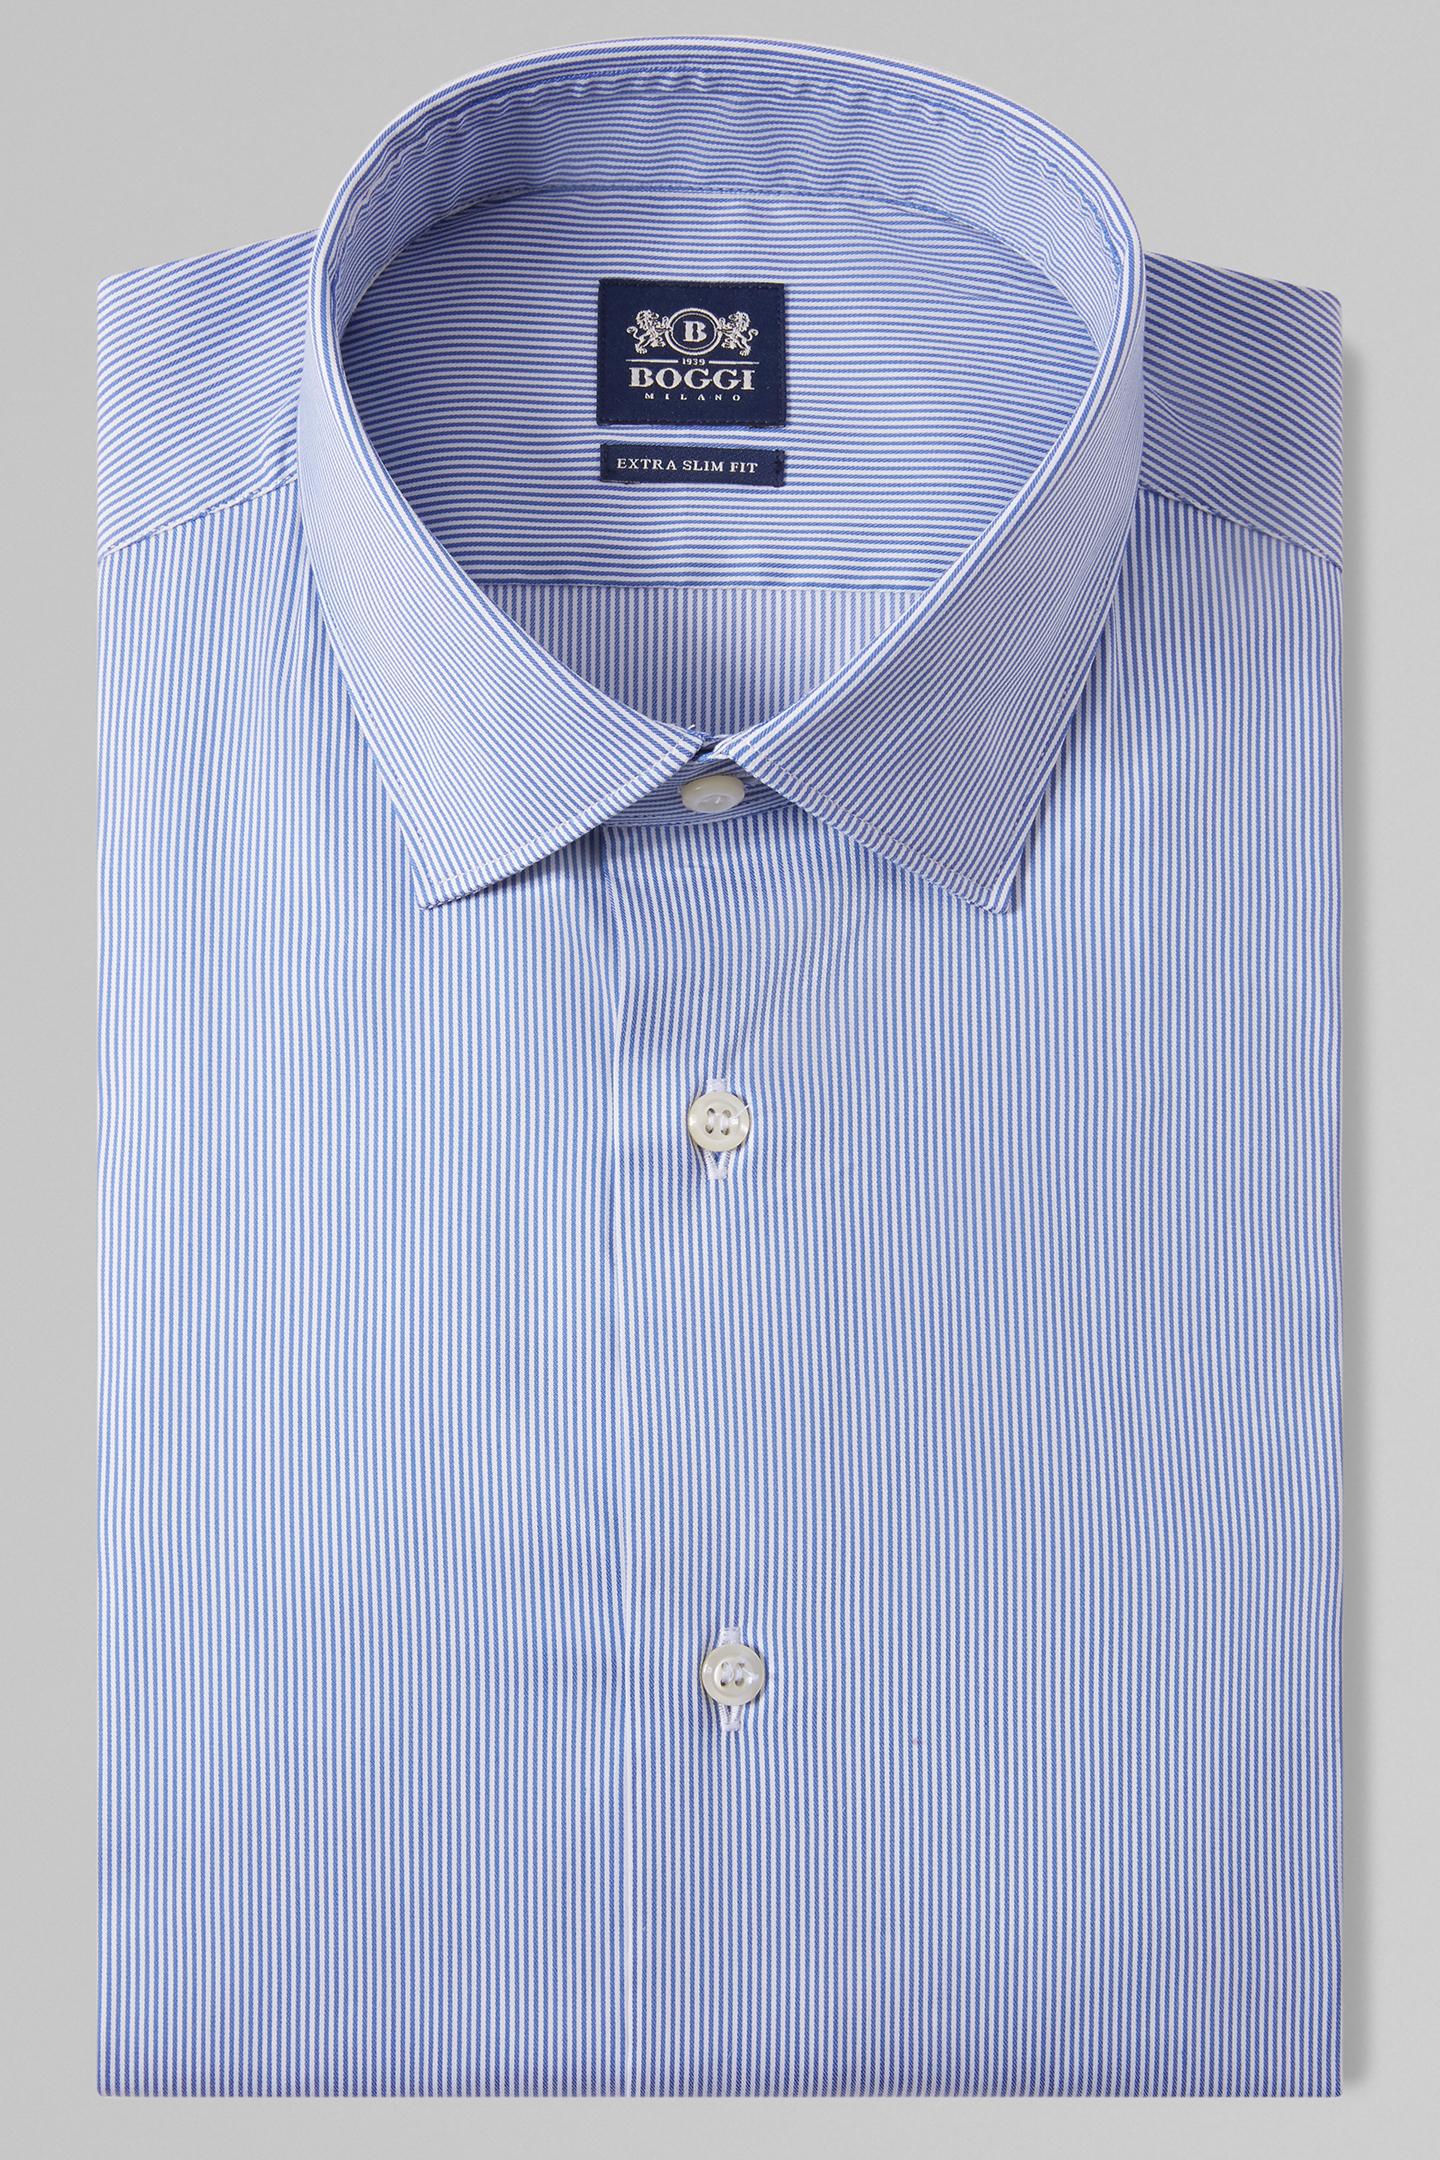 Camisa Boggi Extraslim Fit A Rayas Azul Aciano Con Cuello Tokio